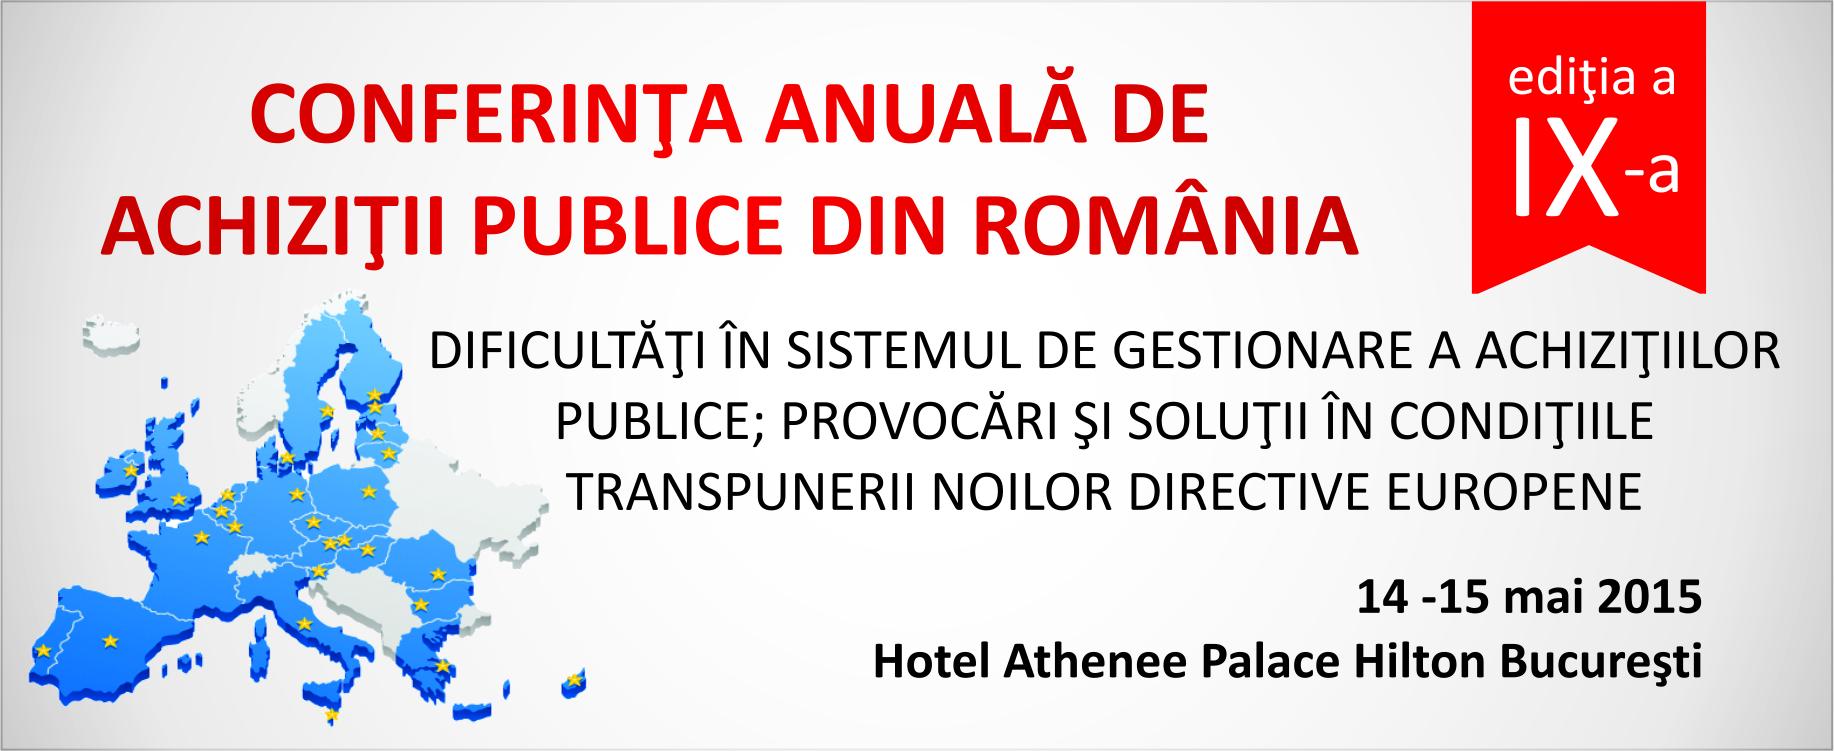 CONFERINTA 2015 banner